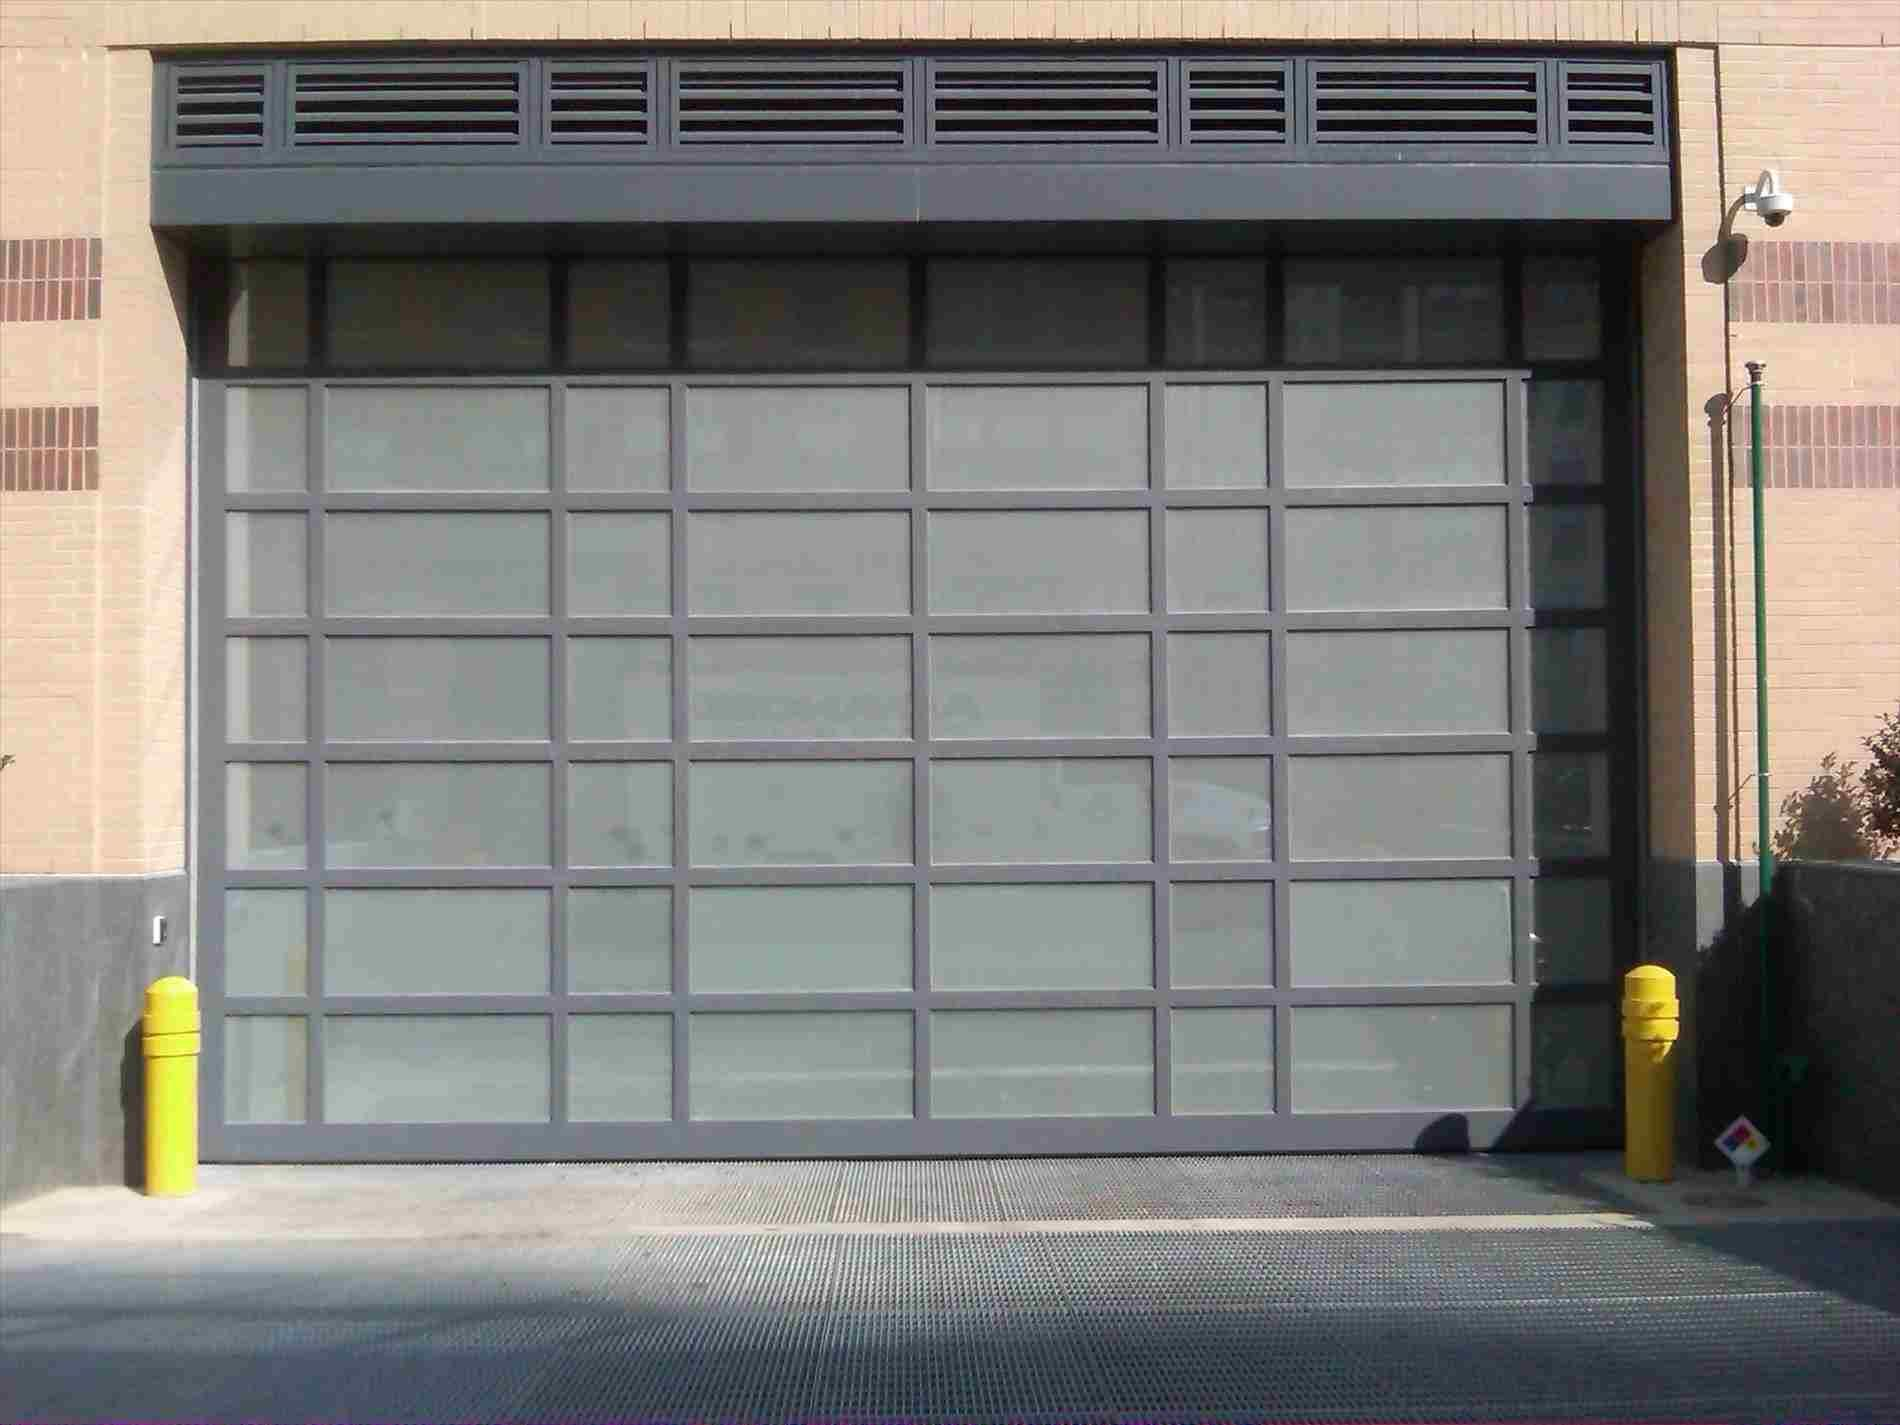 Overhead Garage Door Reviews Uncategorized Wayne Dalton Taupe Garage Doors Stunning Wayne Dalton Garage Doors Wayne Dalton Garage Doors Overhead Garage Door